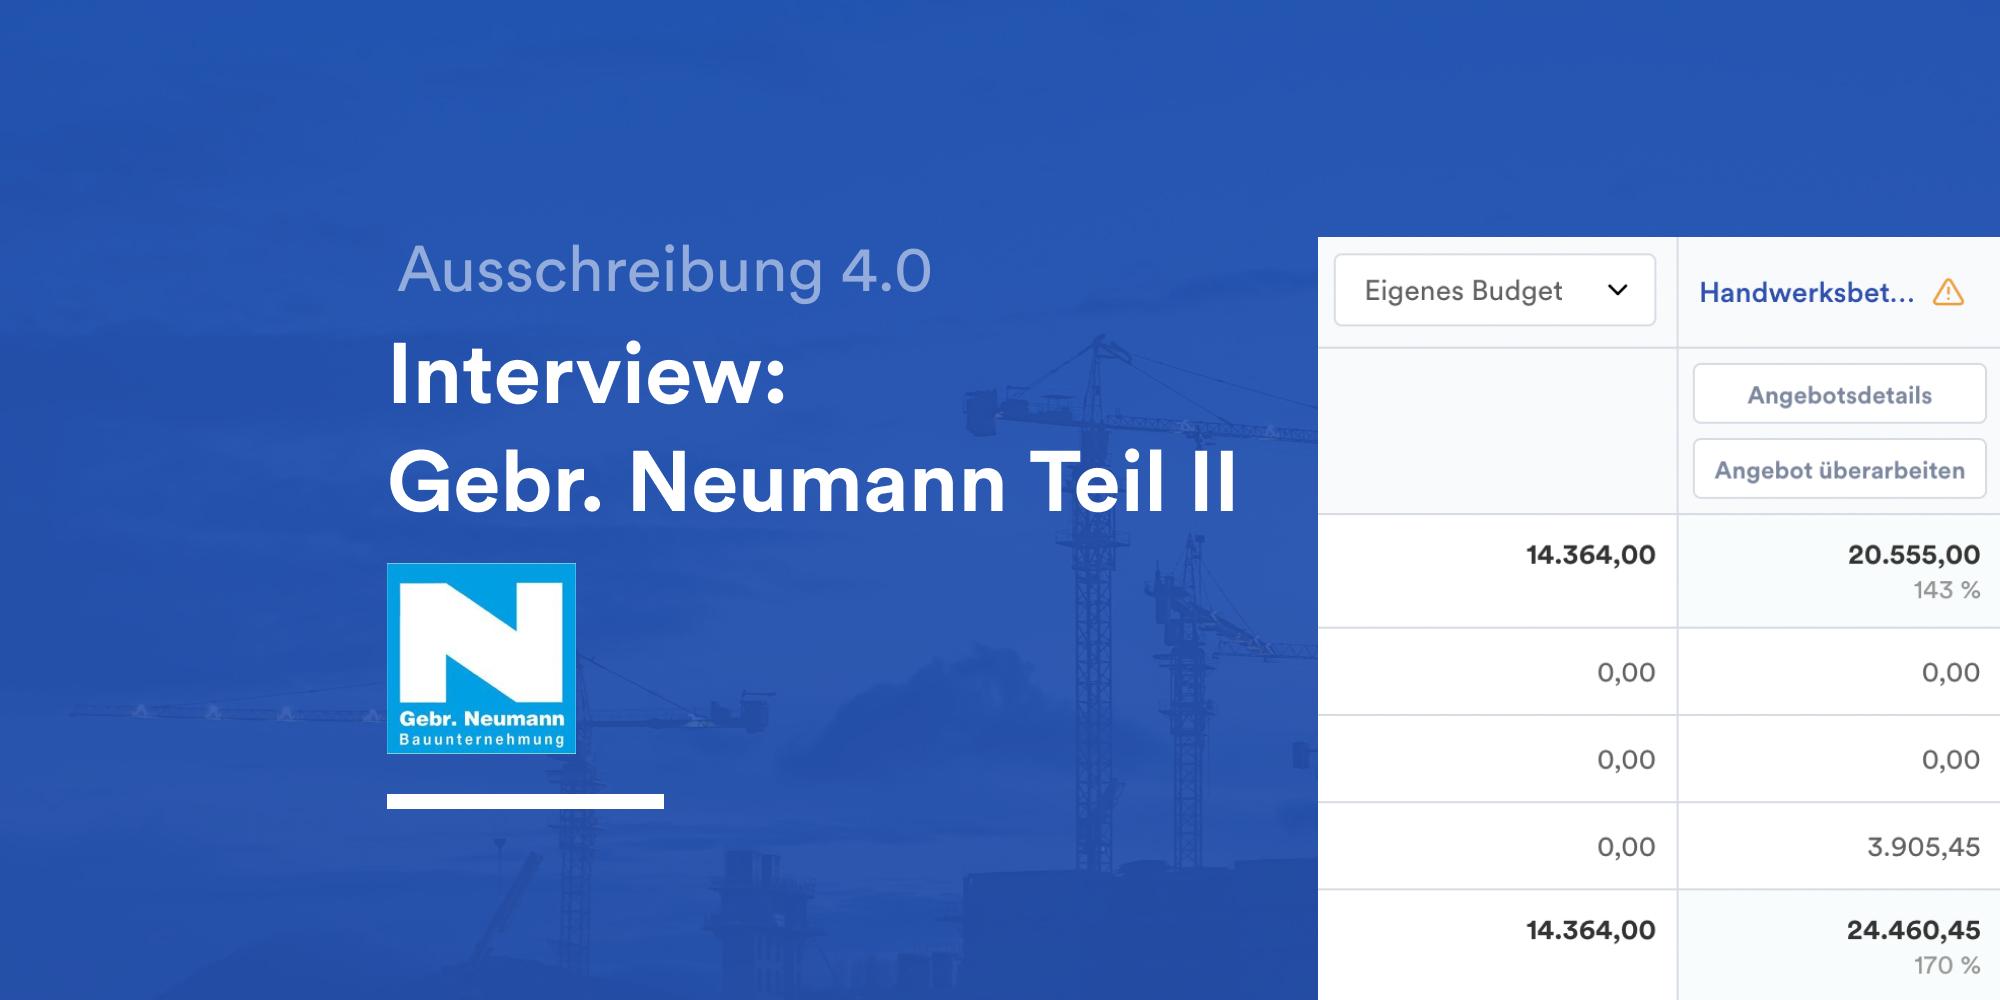 Gebr. Neumann Interview